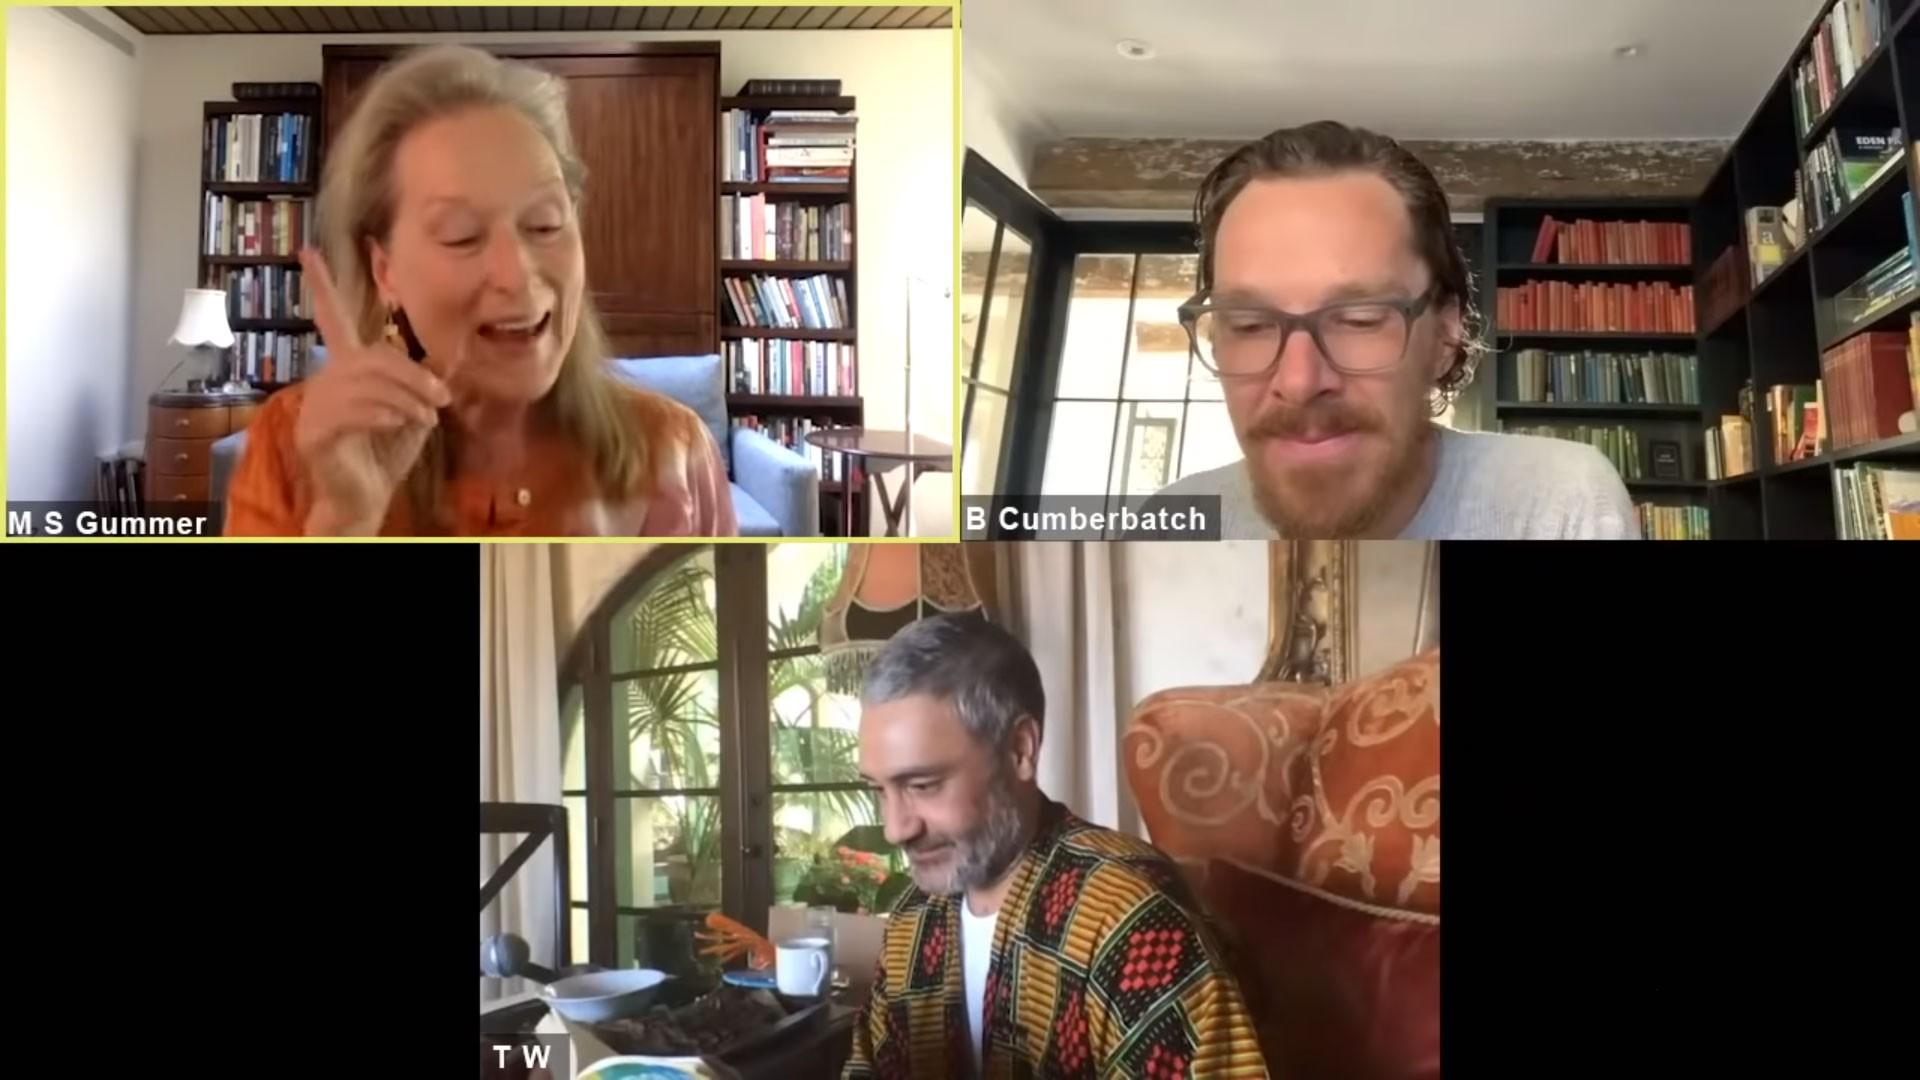 Meryl Streep e Benedict Cumberbatch leem livro online para iniciativa de caridade